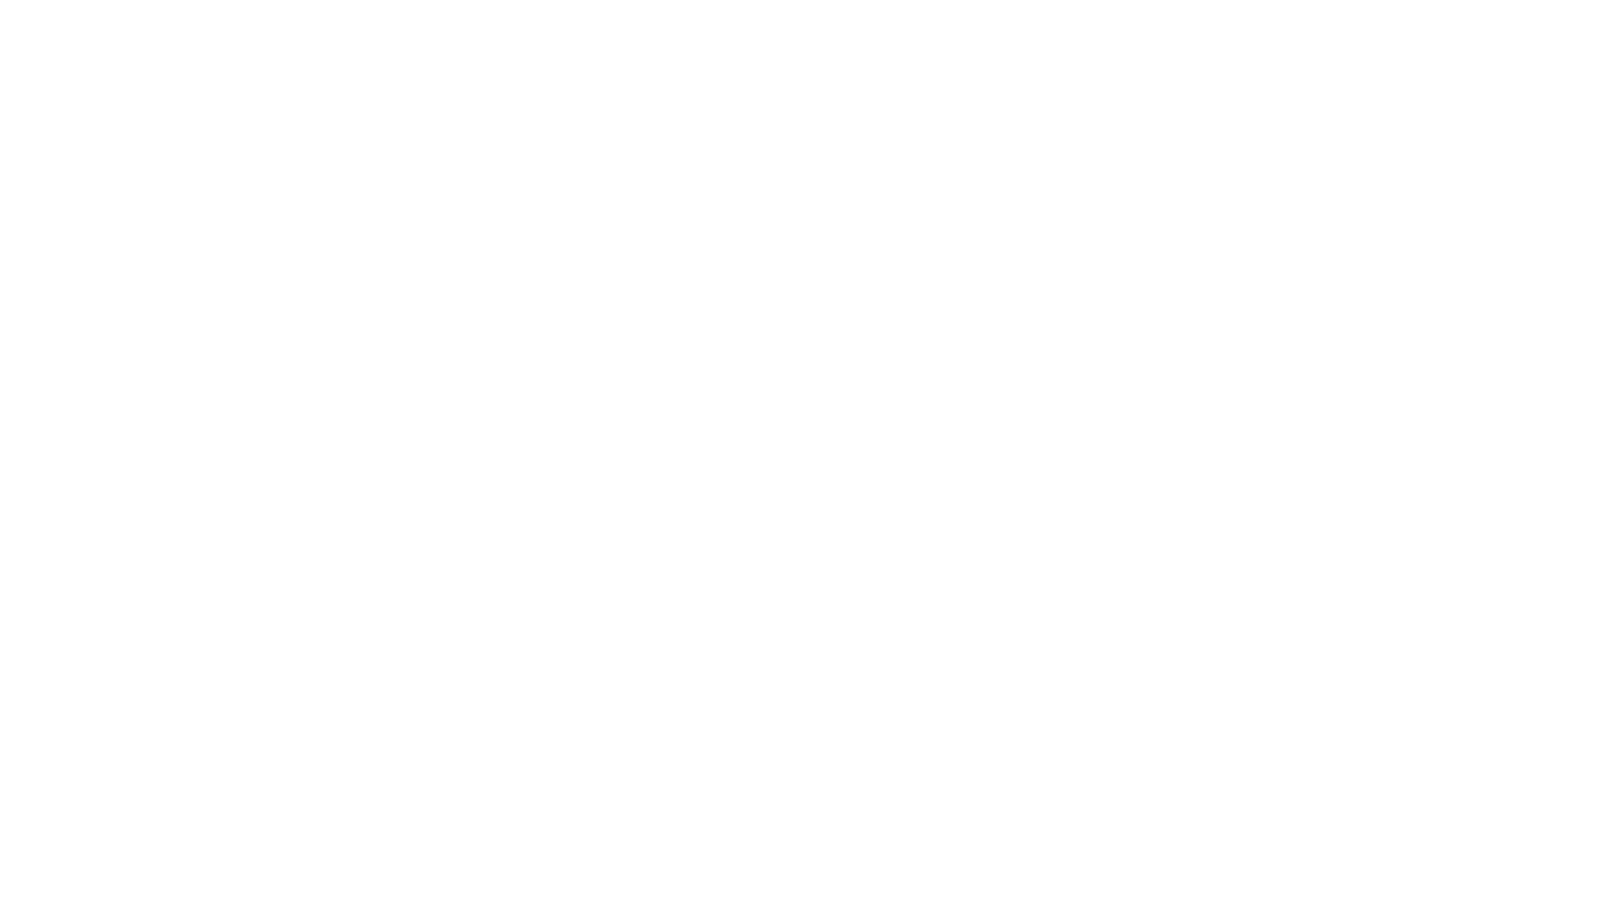 """Fecha: 13 de agosto de 2014 Lugar: Auditorio Parque Reina Sofia de Gaurdamar. Ensamble Clarinetes de la Agrupación Musical de Guardamar.  I Concierto de Ensemble de Clarinetes promovido por la Agrupación Musical de Guardamar del Segura en el que se conmemora el nacimiento del inventor del clarinete Johann Christoph Denner en 1655.  En este concierto participaron más de 30 clarinetistas siendo estas sus bandas de música de origen: Agrupación Musical de Guardamar del Segura, Unión Musical San Fulgencio, Banda de Música """"La Lira"""" de Rojales, Sociedad Musical y Cultural Algorfa, Sociedad Unión Musical de Almoradí, Sociedad Unión Musical de Dolores, Banda Jove de Mutxamel de la Sociedad Musical L'Aliança de Mutxamel, Sociedad Musical """"La Amistad"""" de Villafranqueza, Sociedad Musical Joaquín Turina, Orquesta de GrandChamp (Francia).  El concierto constó de dos partes y se interpretaron las siguientes obras:  PRIMERA PARTE Arrival of the Queen of Sheeba. Haendel. Overture to the Marriage of Figaro. Mozart. Tango from Spain. Albeniz. Danza nº5. Brahms. Ragon Falez. Emilio Cebrian. Arreglo Manuel Sánchez. Claribel. Rolando Cardon.  SEGUNDA PARTE The Entertainer. Scott Joplin. Sally's Song. Danny Elfman. Arreglo Marco A. Mazzini. The Sycamore. Scott Joplin Wolverine Blues. Spilkes y Morton. Peacherine Rag. Scott Joplin. Fashion Rag. Charles Cohen."""